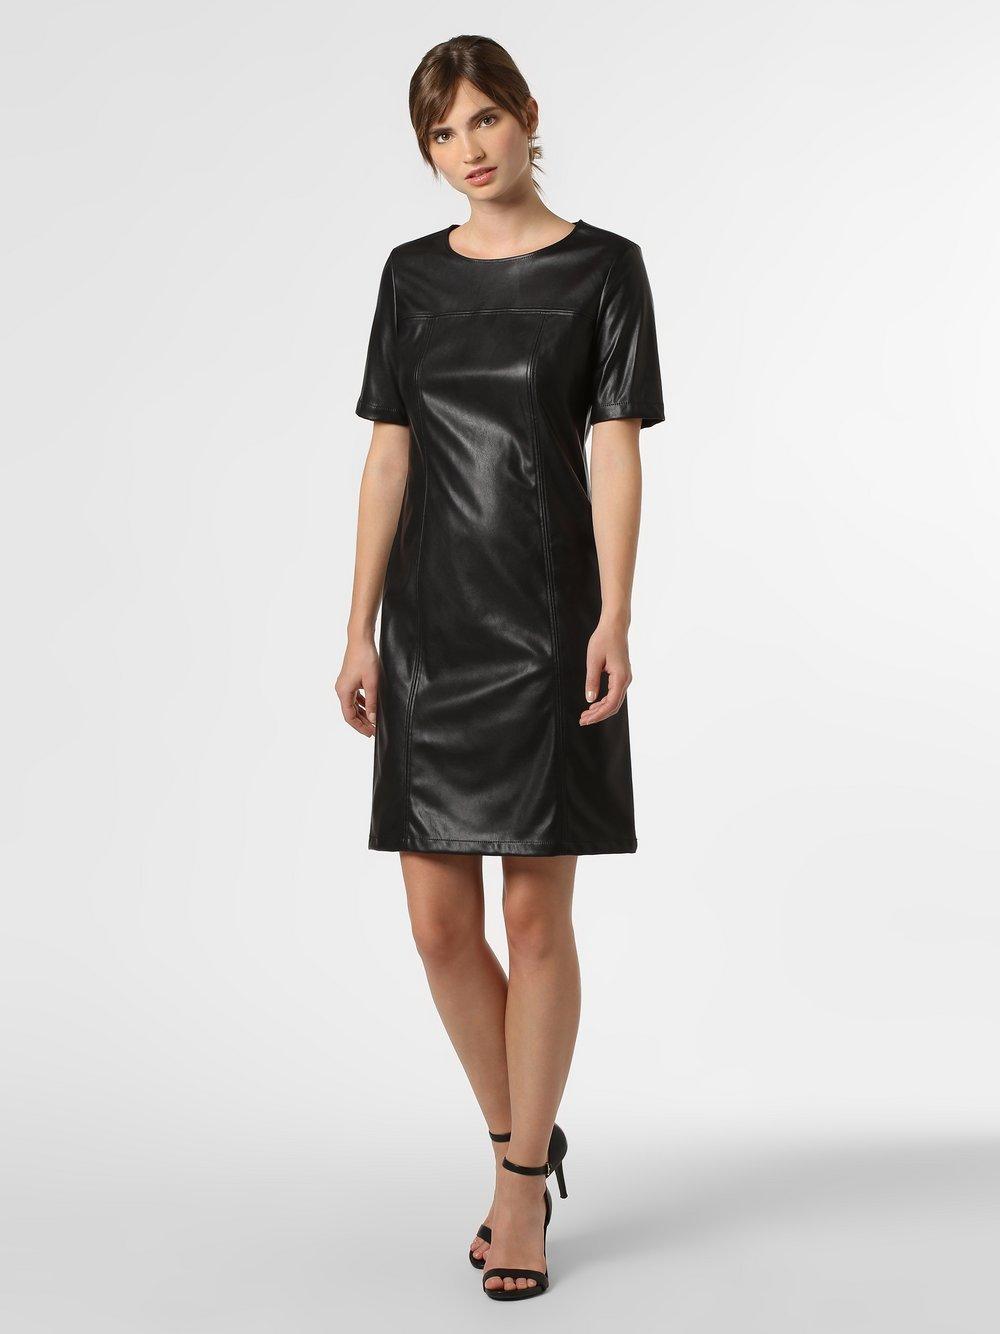 BOSS Casual - Sukienka damska – Arieke, czarny BOSS